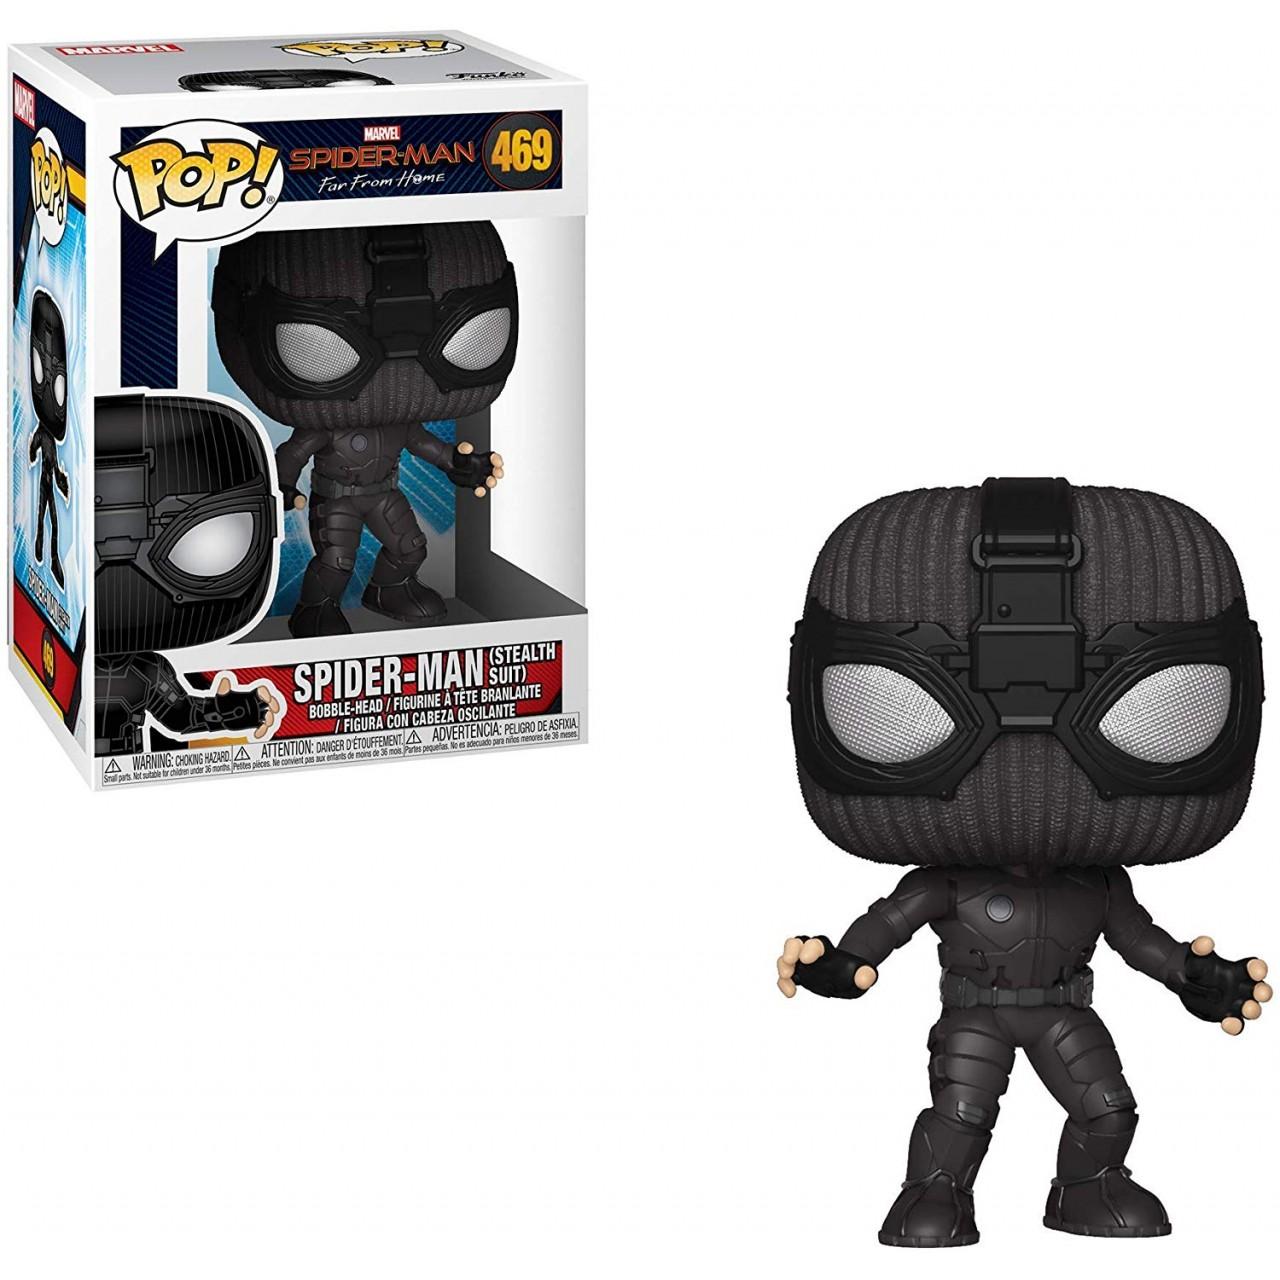 """Фигурка Funko Pop Мстители Марвел: Человек-паук """"Вдали от дома"""" в черном костюме (39208) #469 Marvel Spider-Man"""